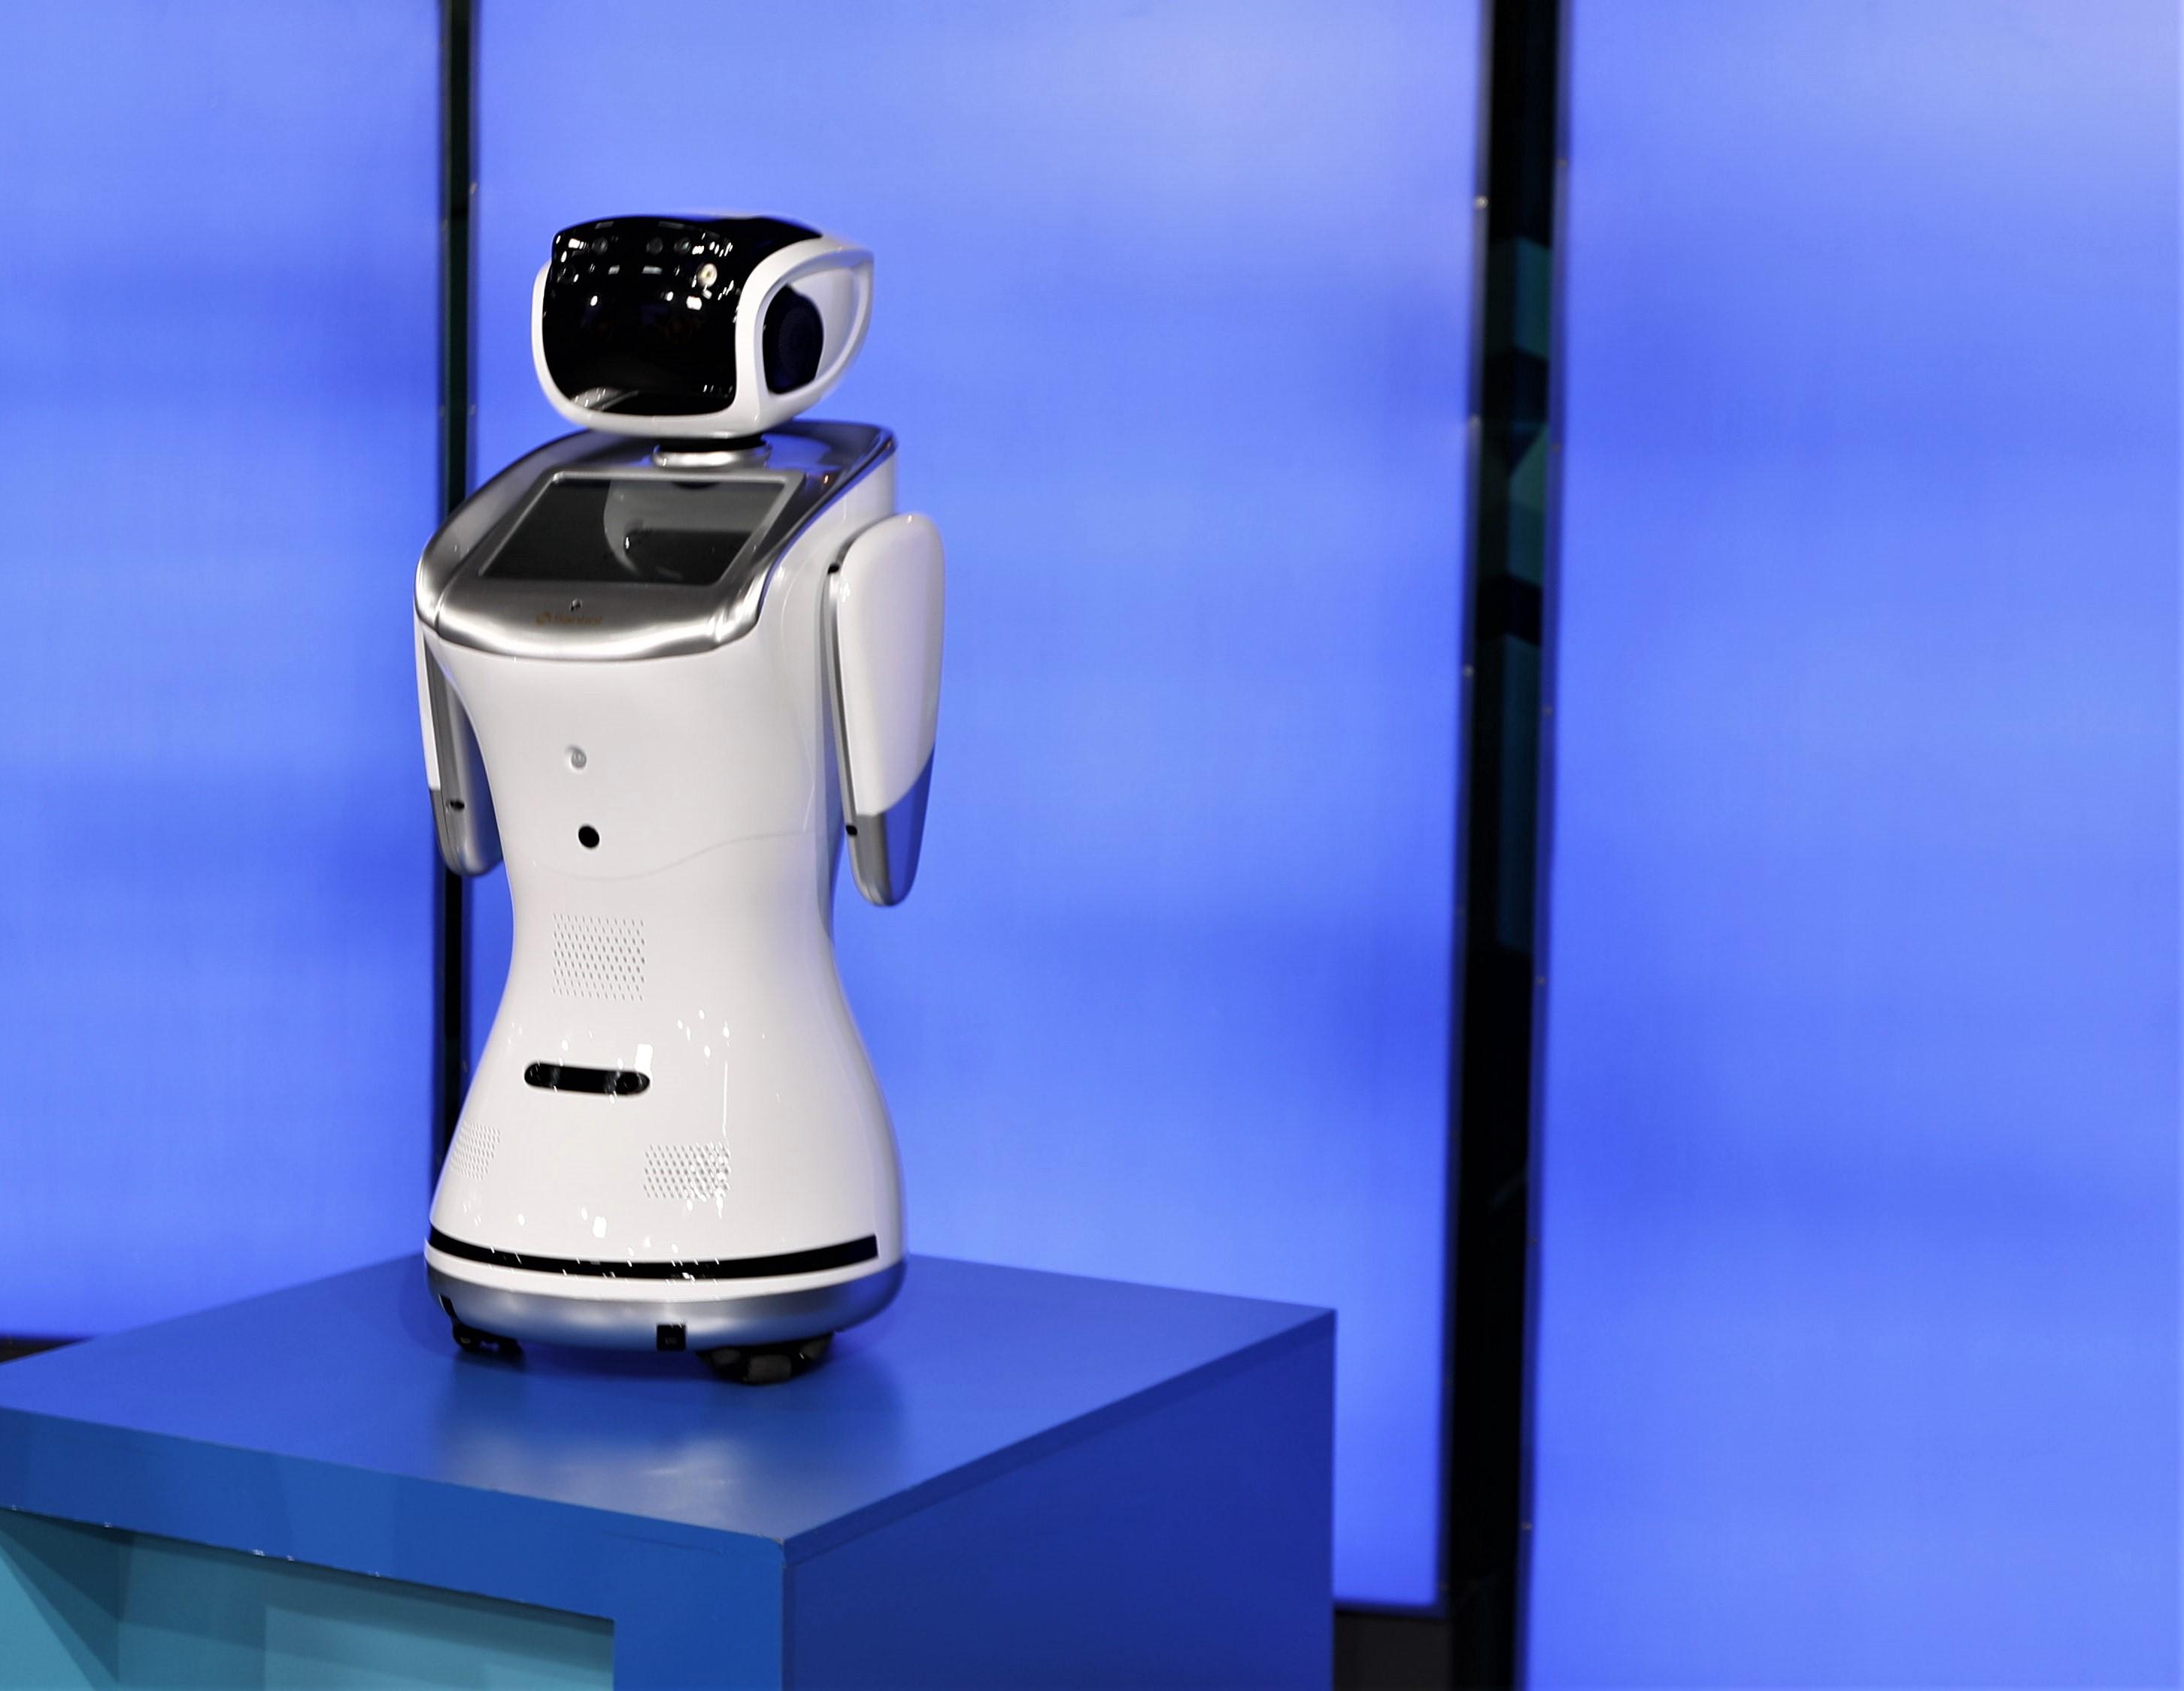 Sanbot es el primer robot que llega a Guatemala y podrá trabajar en diversos campos como la educación, la salud y el turismo, entre otros. (Foto Prensa Libre: Pablo Juárez Andrino)